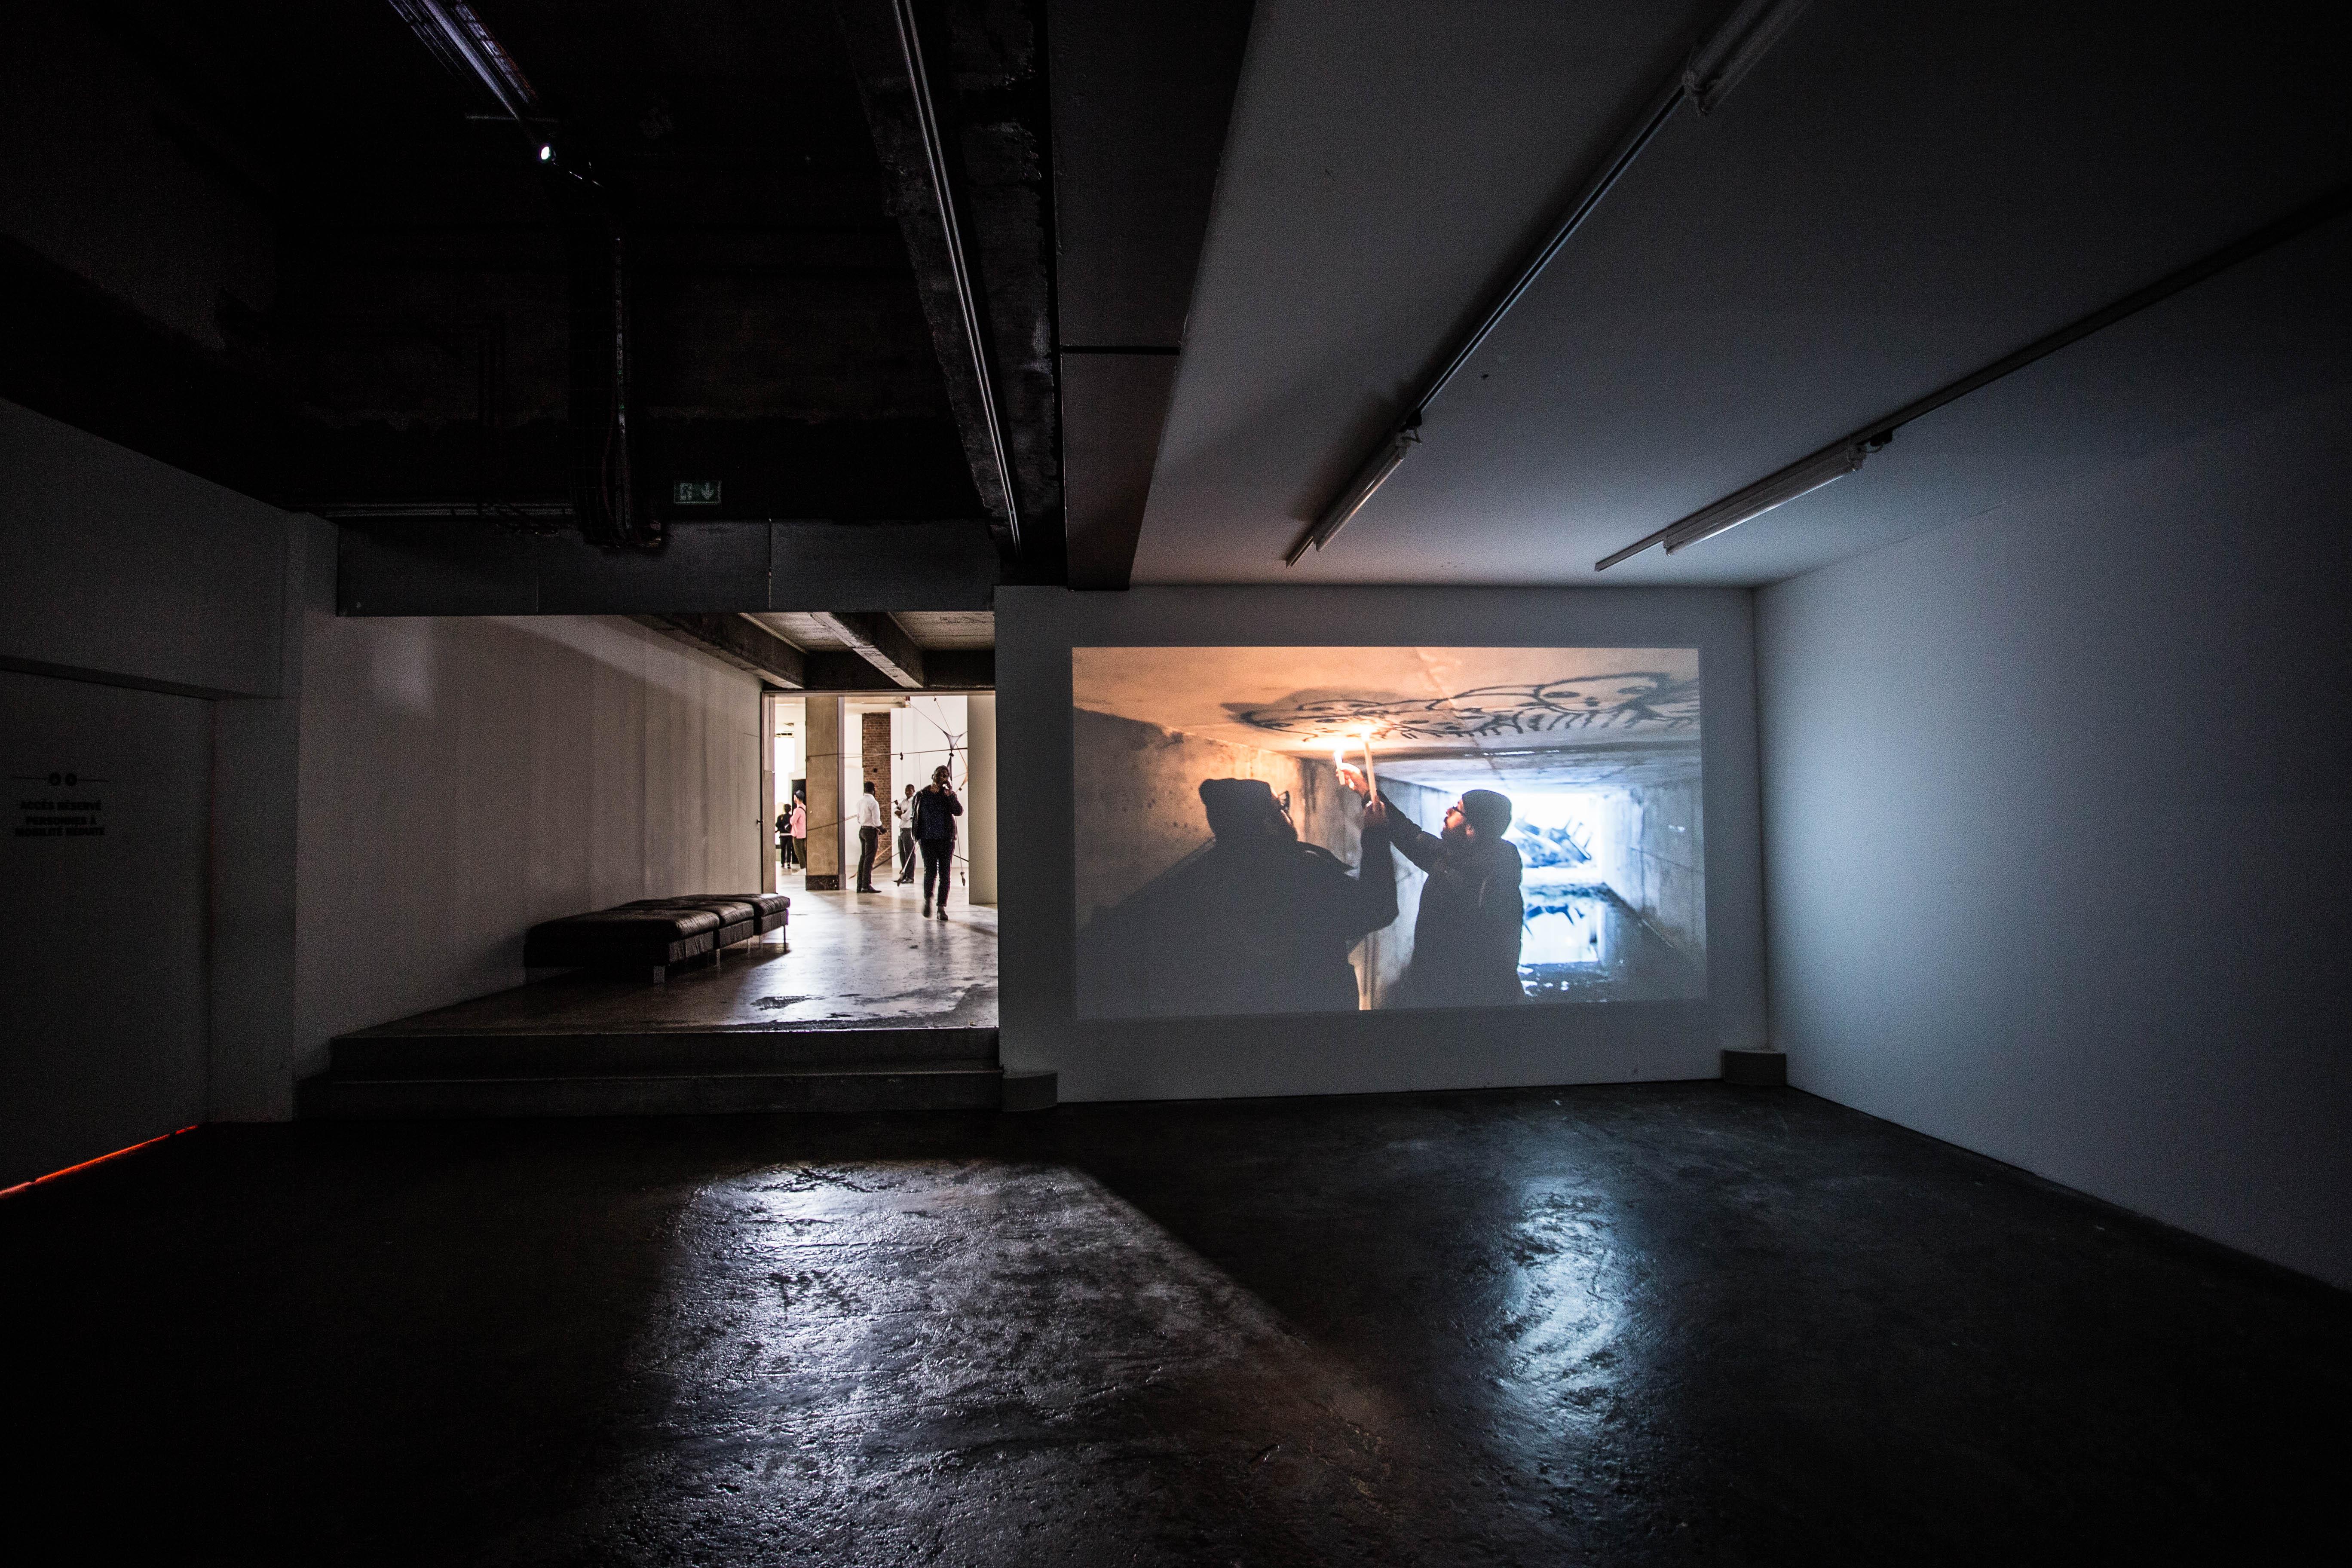 IMG9709jpg - Lasco Project, infiltration dans les souterrains du Palais de Tokyo